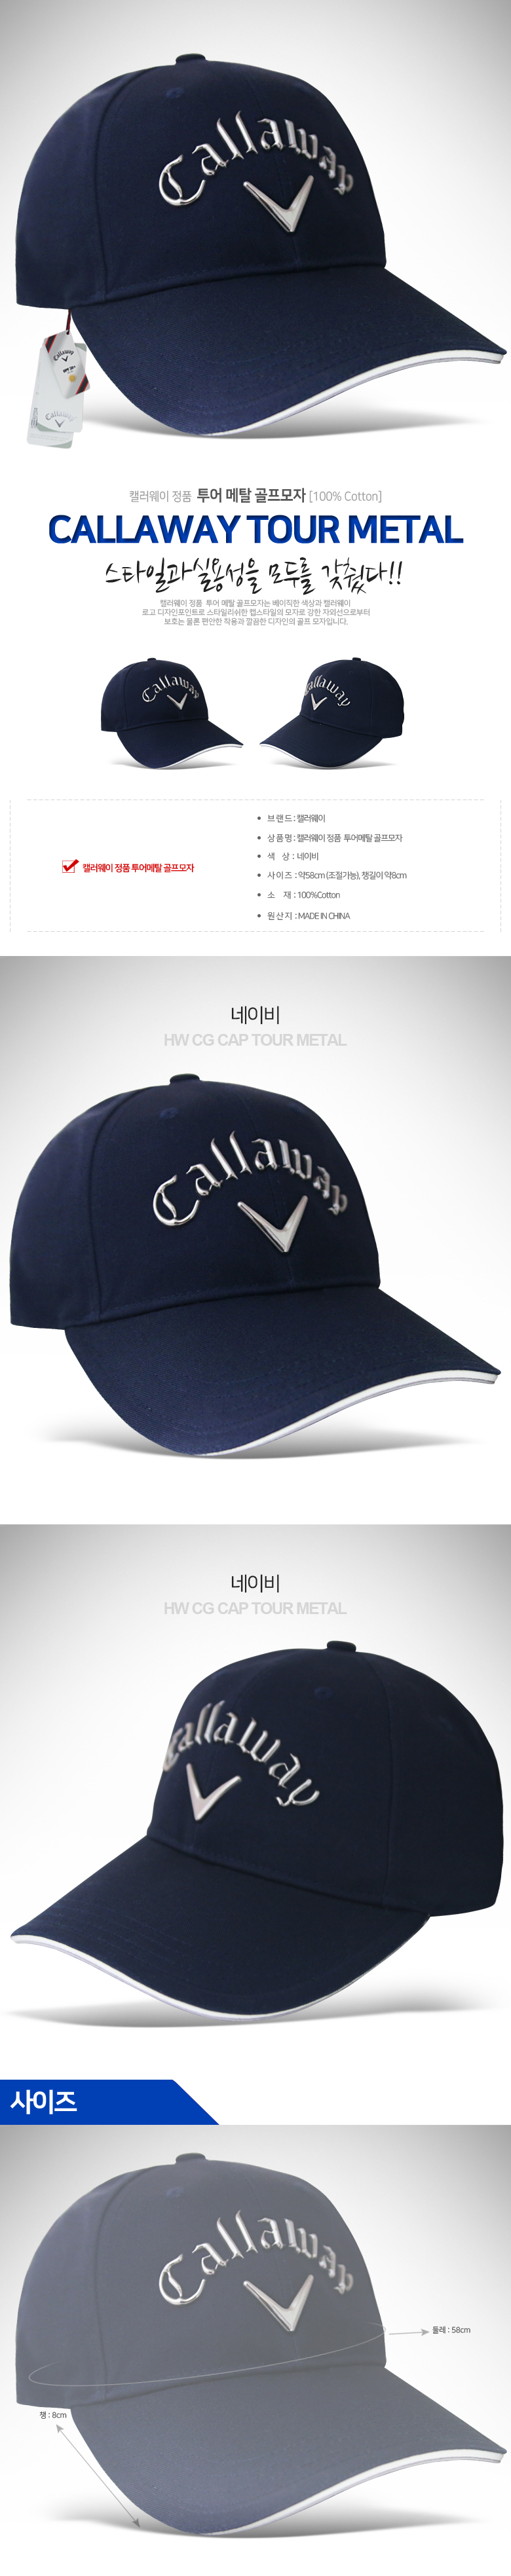 callaway_tour_metal_cap.jpg